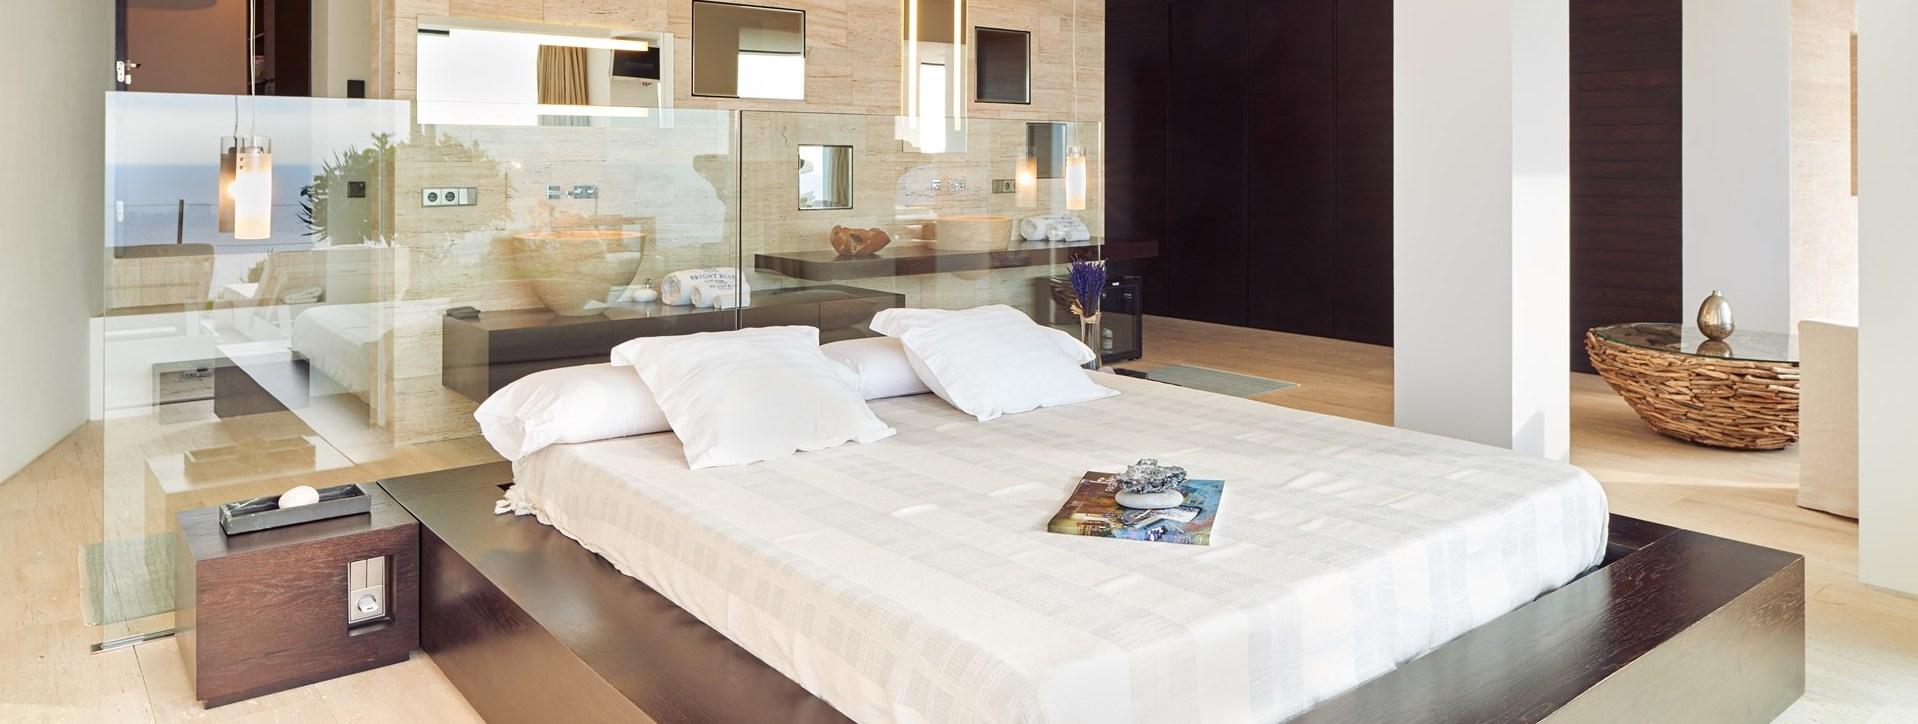 villa-can-castello-master-bedroom